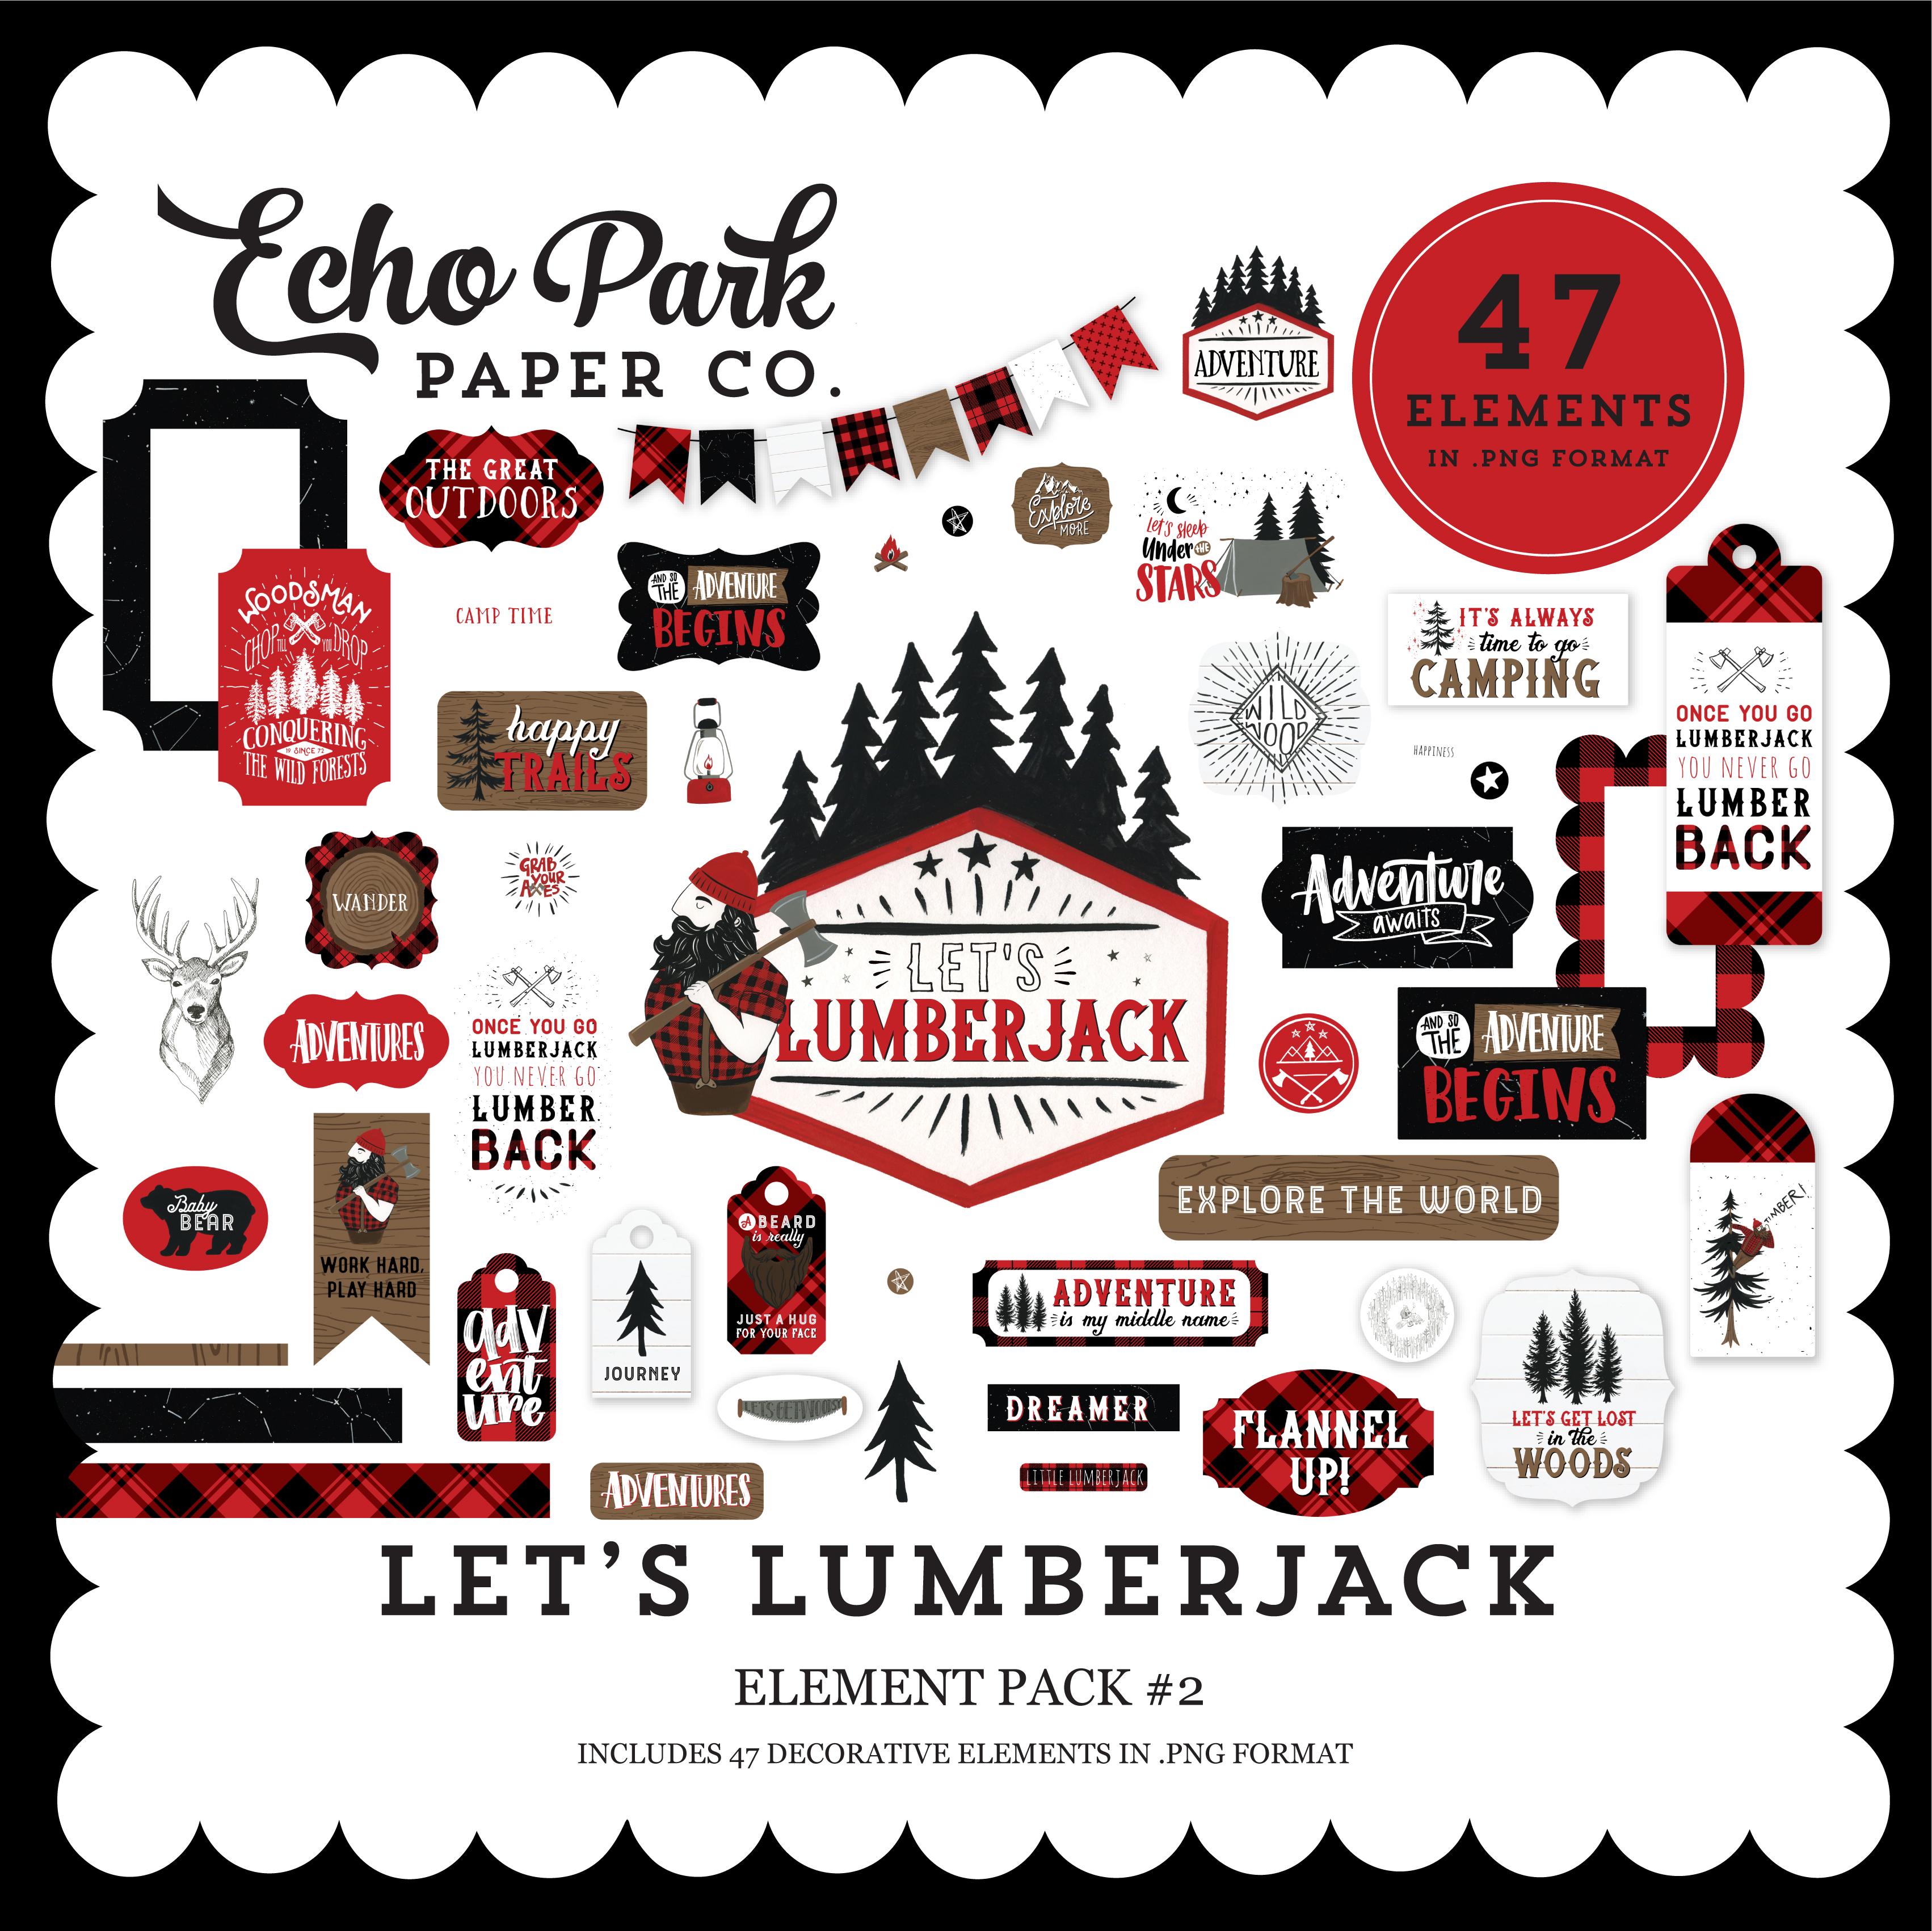 Let's Lumberjack Element Pack #2